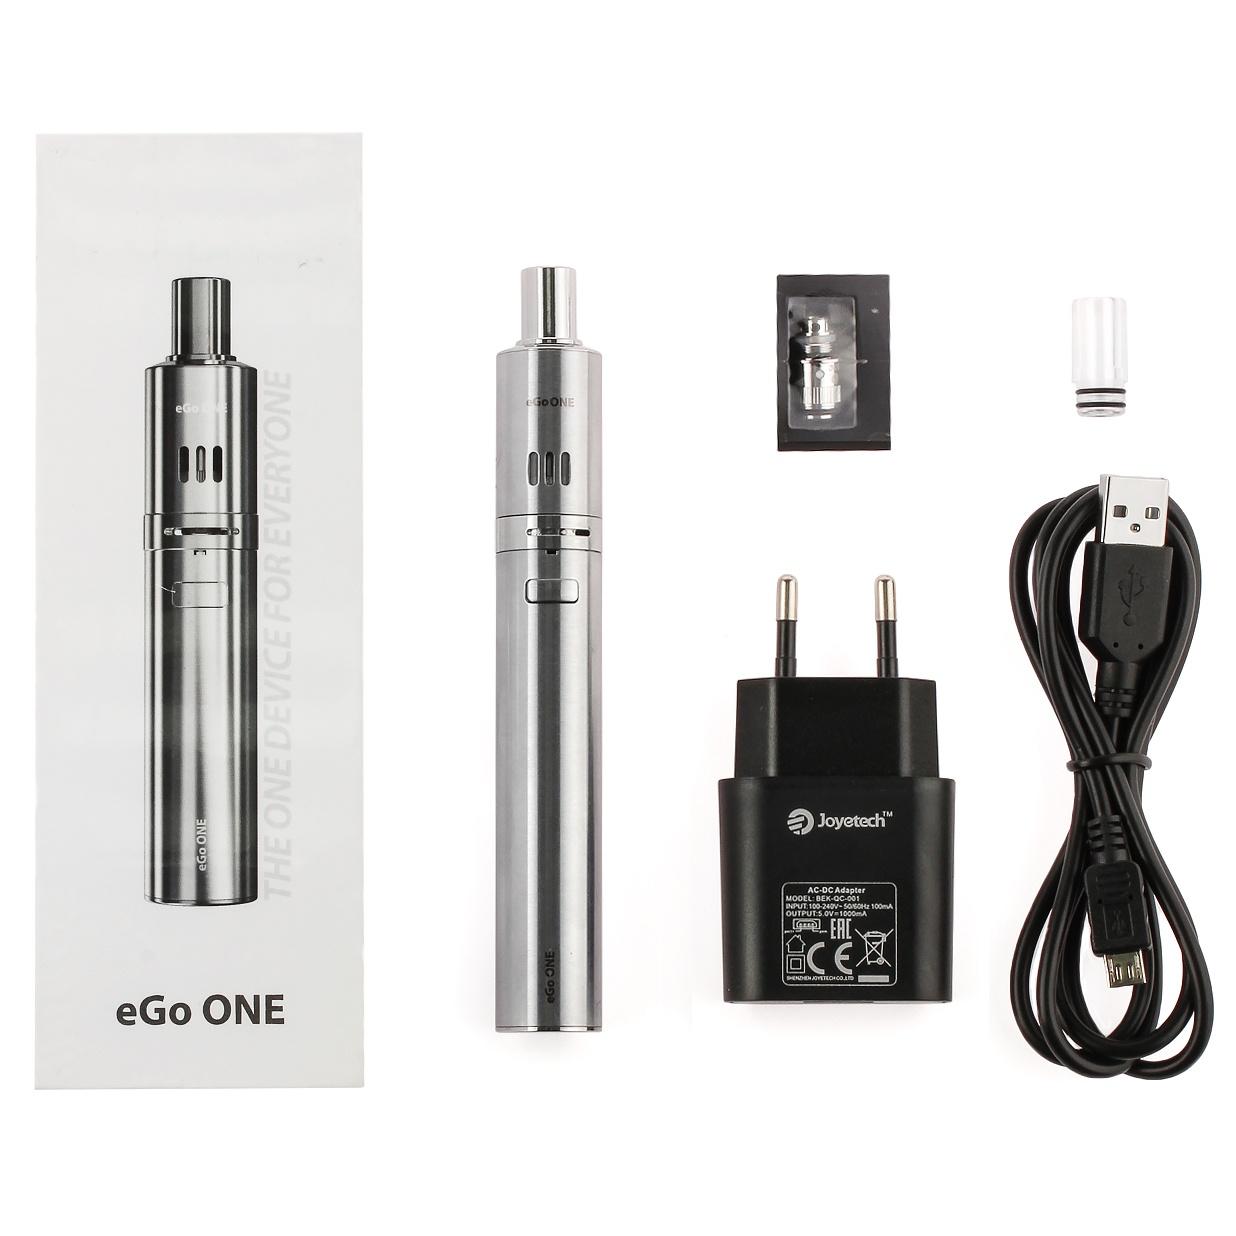 Атомайзер электронной сигареты ego one купить комплимент сигареты купить дешево